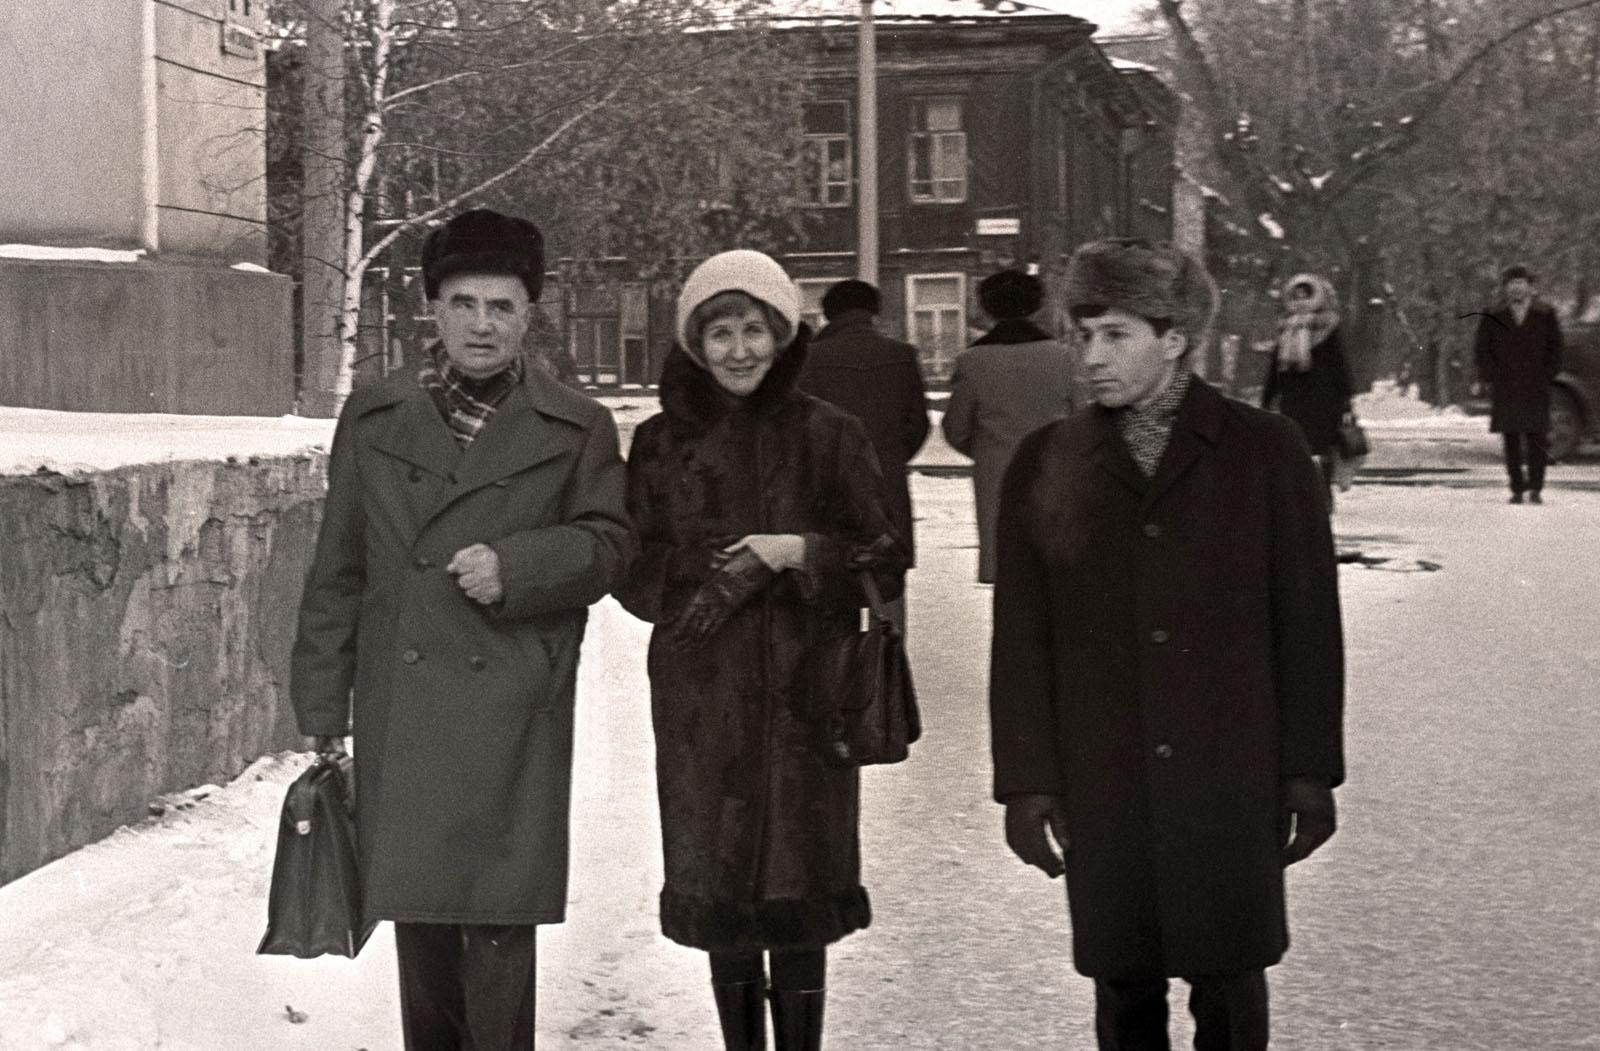 На Рериховские чтения после презентации. П. Ф. Беликов, Э. В. Паршина, Г. В. Гаврилов.